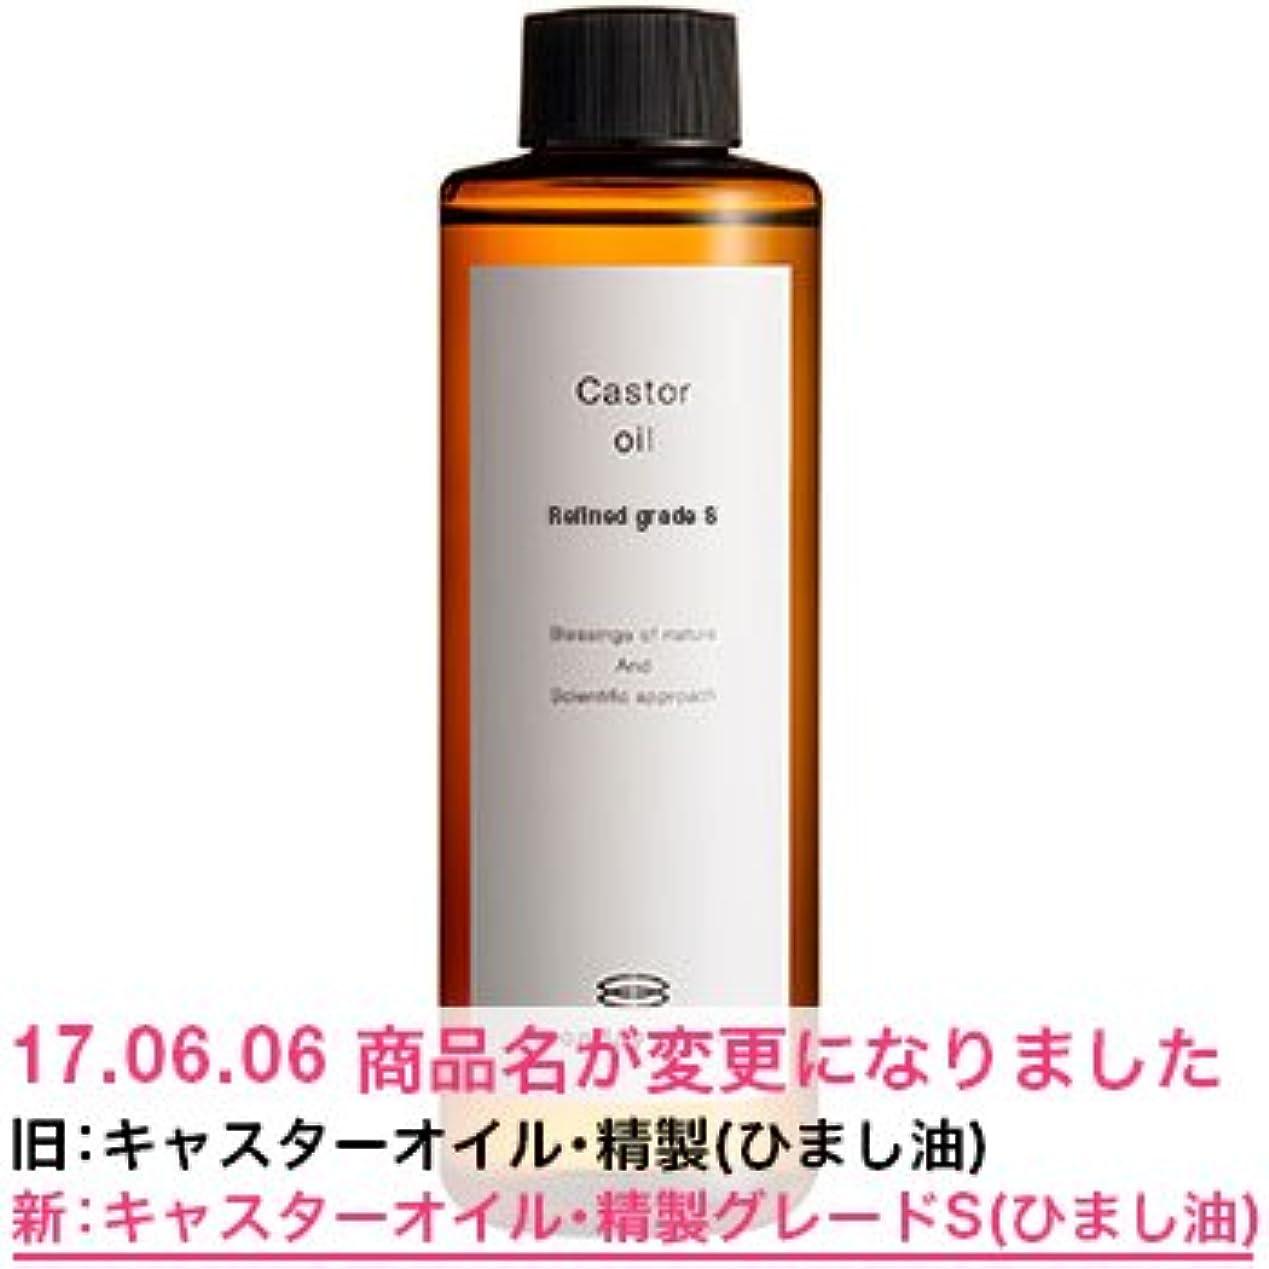 リングレット写真エクスタシーキャスターオイル?精製グレードS(ひまし油)/200ml